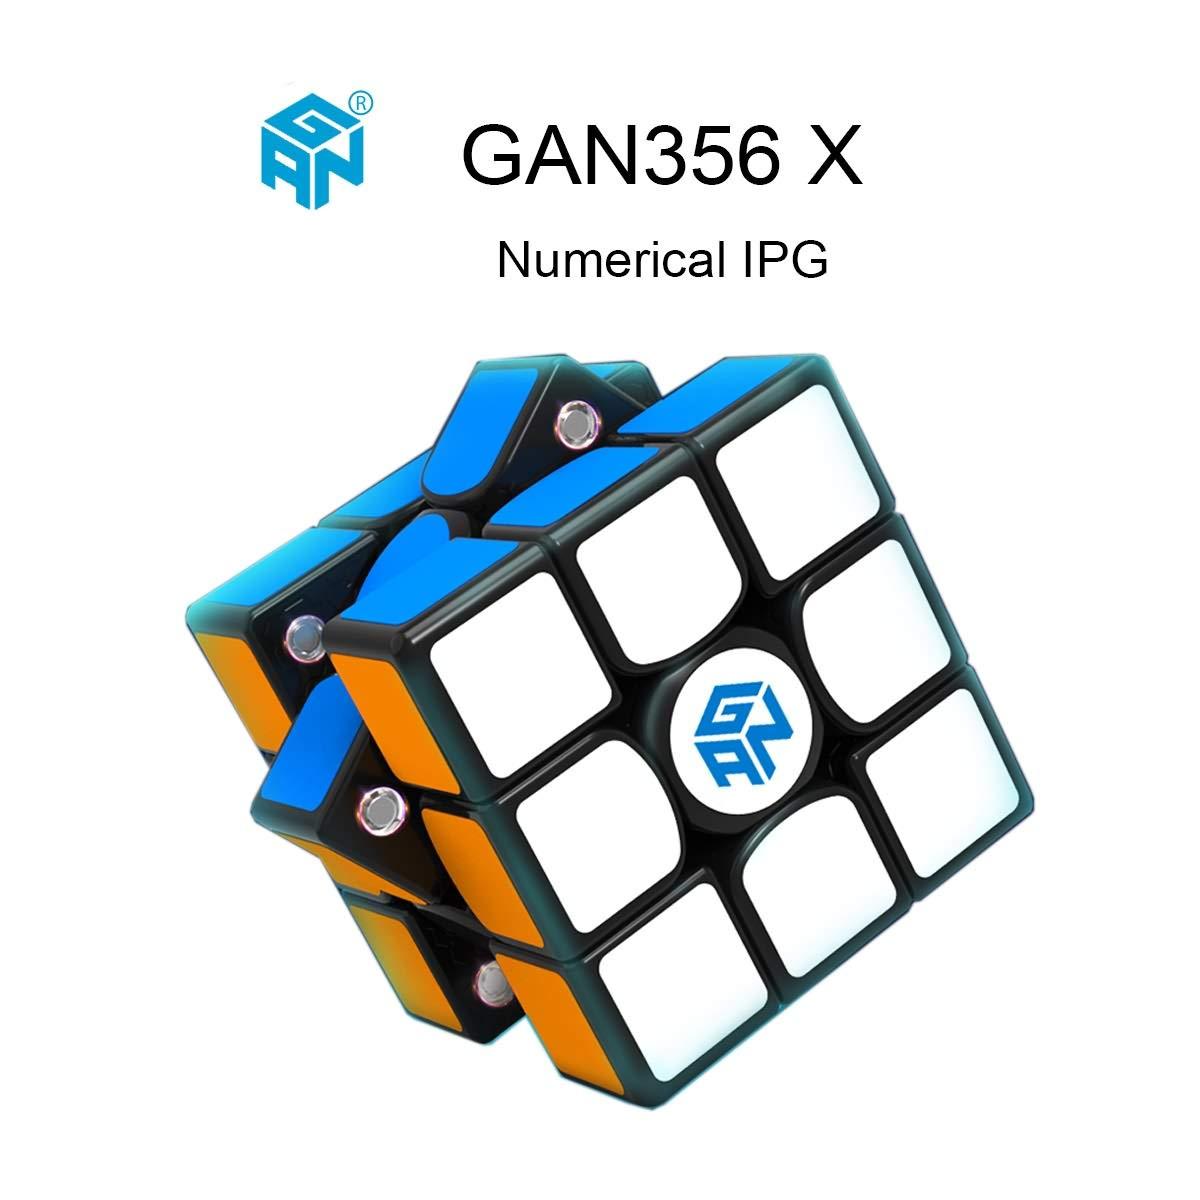 Schwarz OJIN Ganspuzzle GAN356 X Numerischer IPG Geschwindigkeitswürfel 3x3 Gan 356 X Zauberwürfel-Puzzle mit Einer Würfeltasche und Einem Würfelstativ (Schwarz)